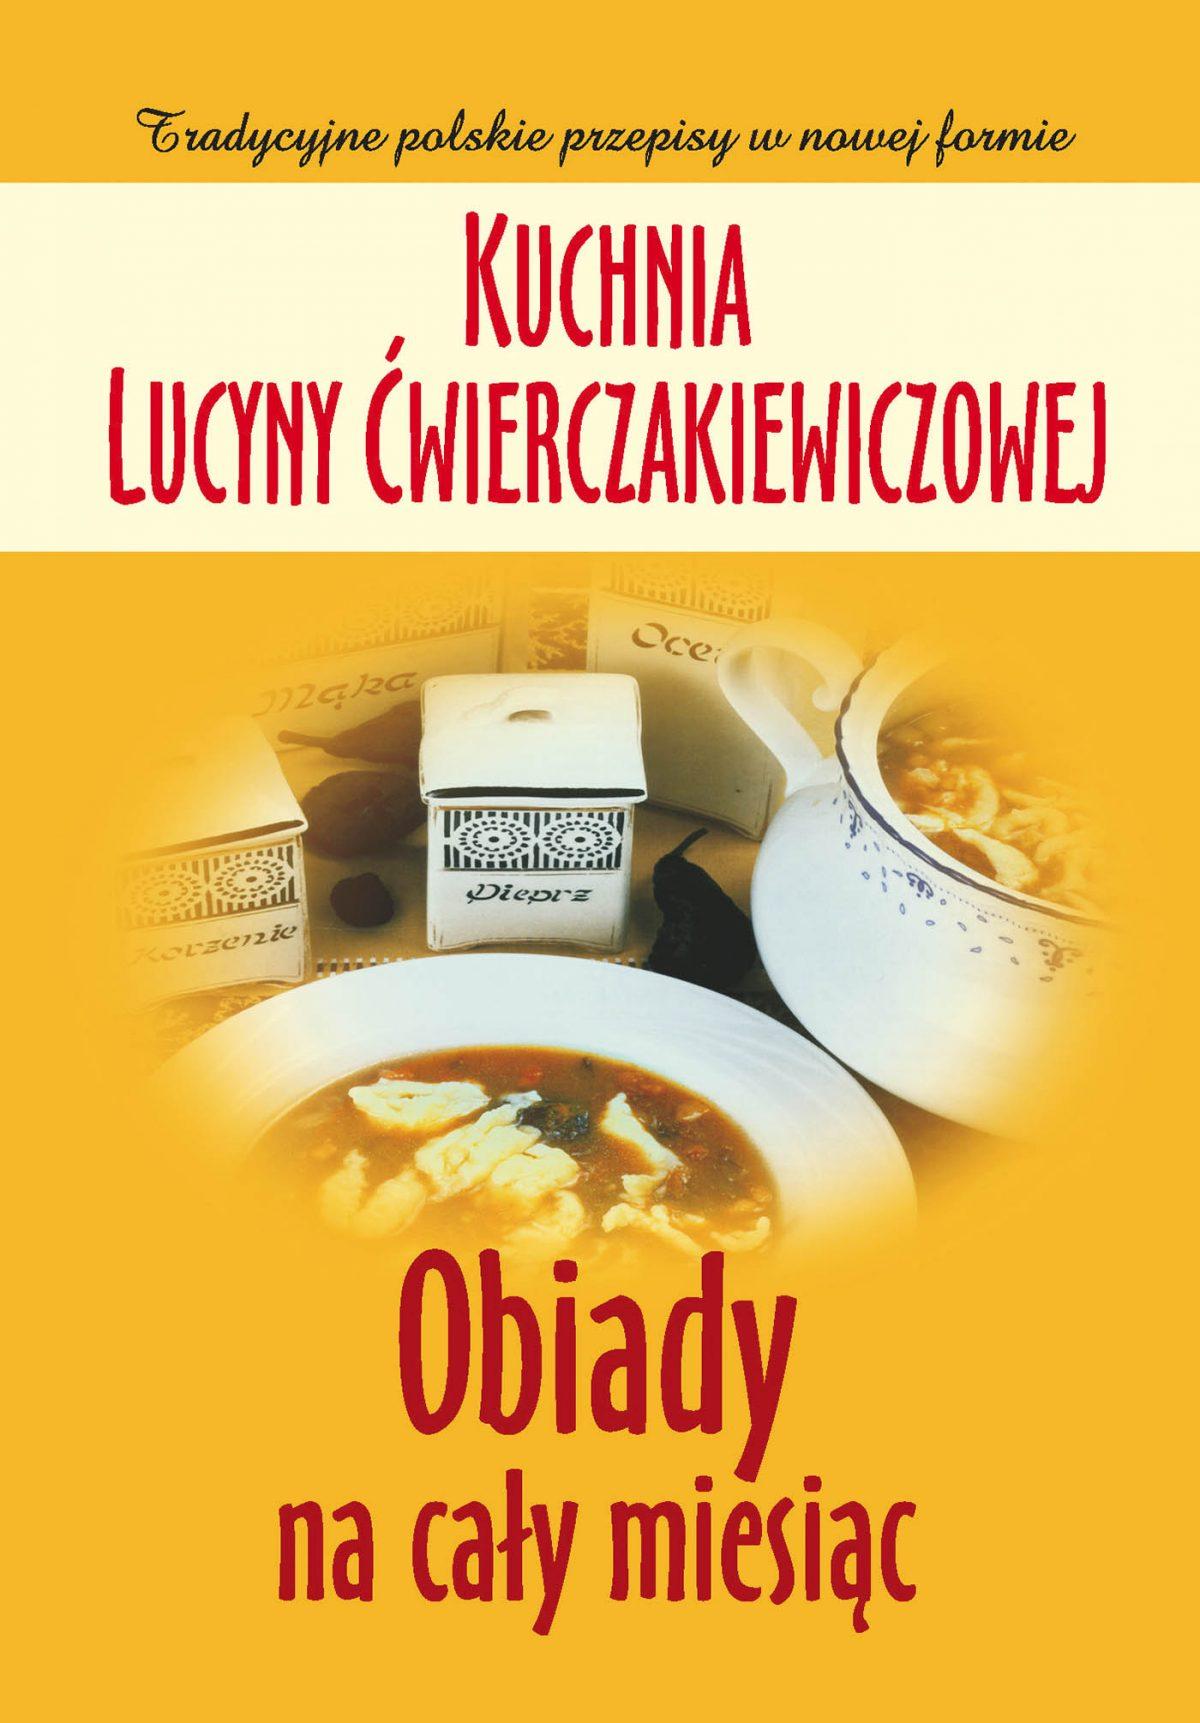 Kuchnia Lucyny Ćwierczakiewiczowej. Obiady na cały miesiąc - Ebook (Książka EPUB) do pobrania w formacie EPUB